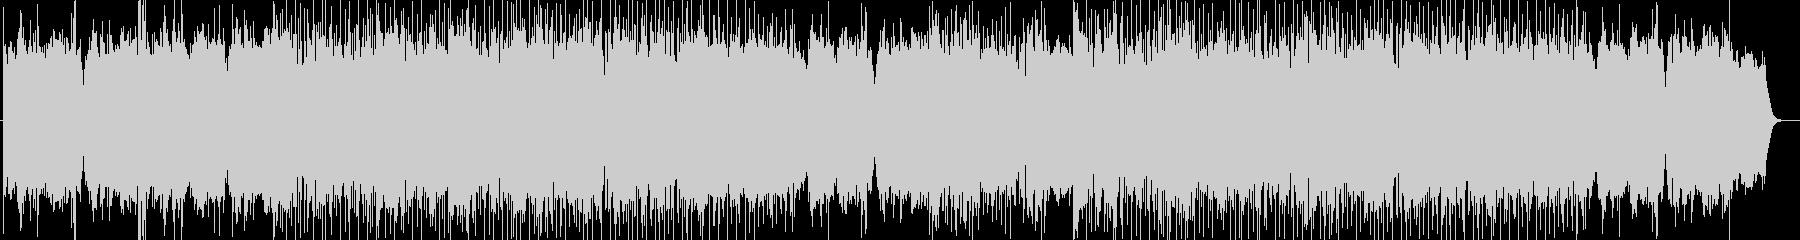 ビブラートとワウの主旋律が初夏をおもう曲の未再生の波形